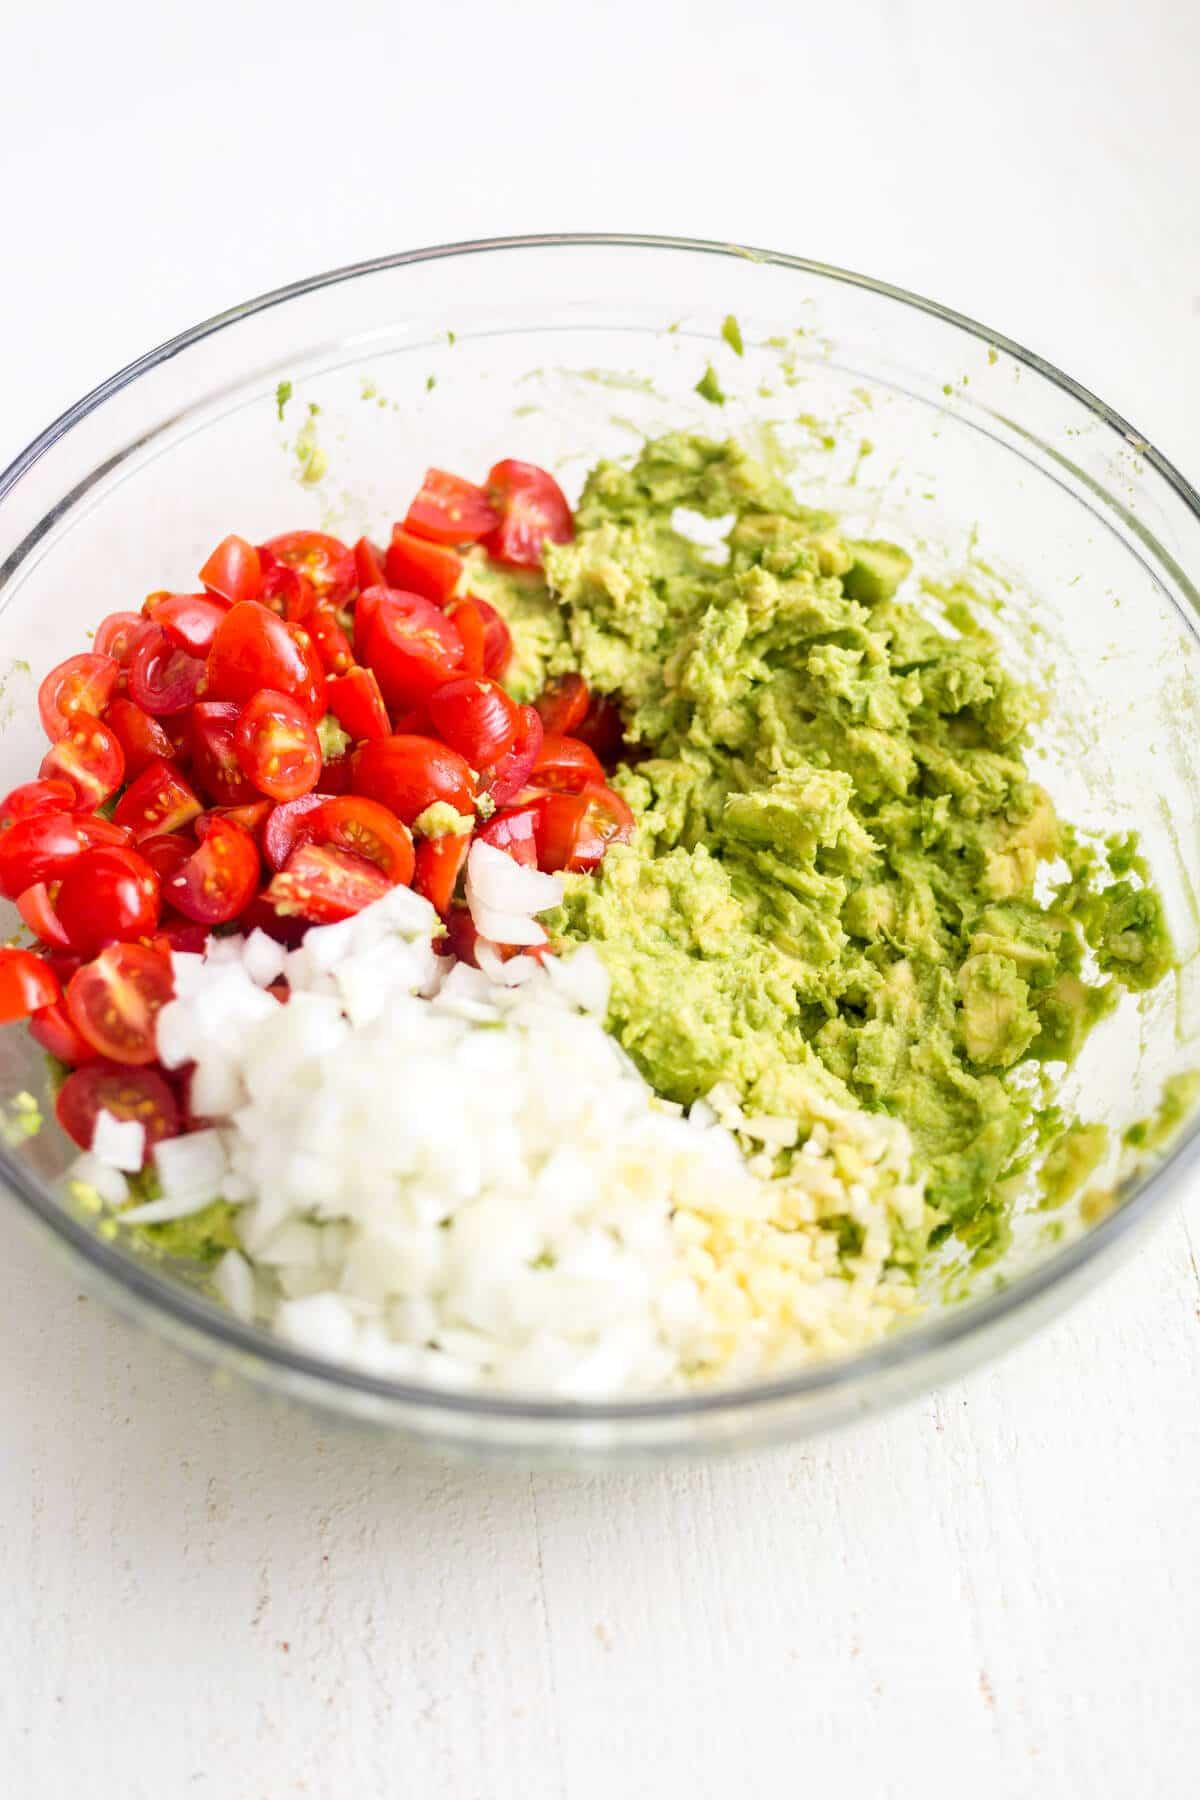 healthy guacamole ingredients